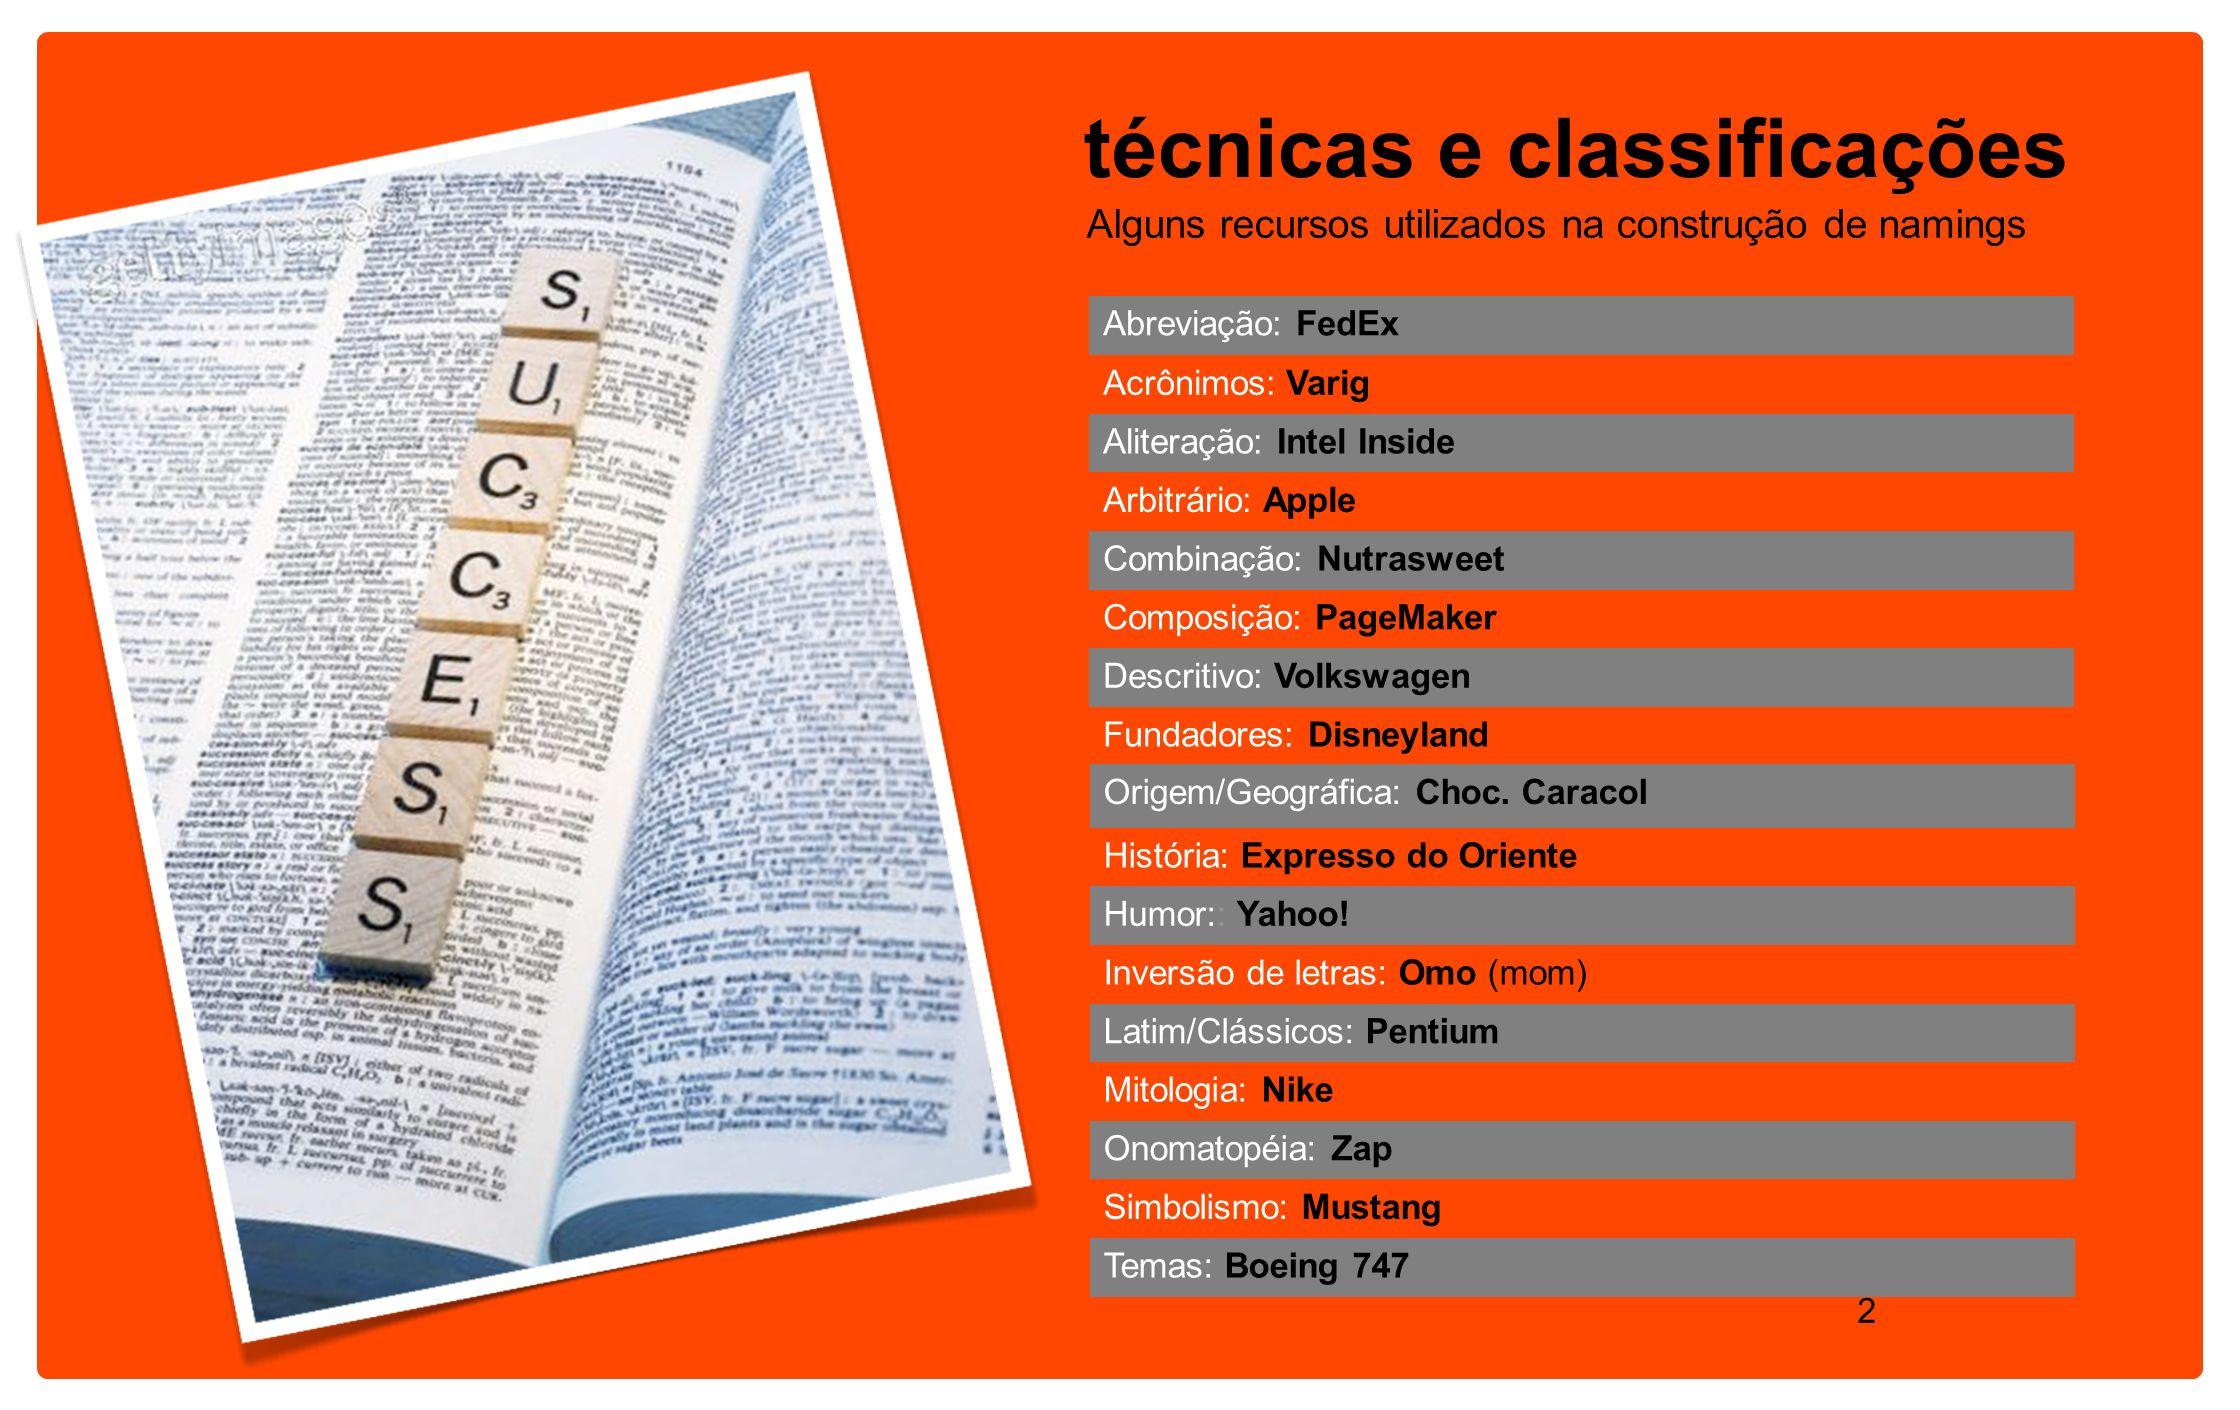 técnicas e classificações